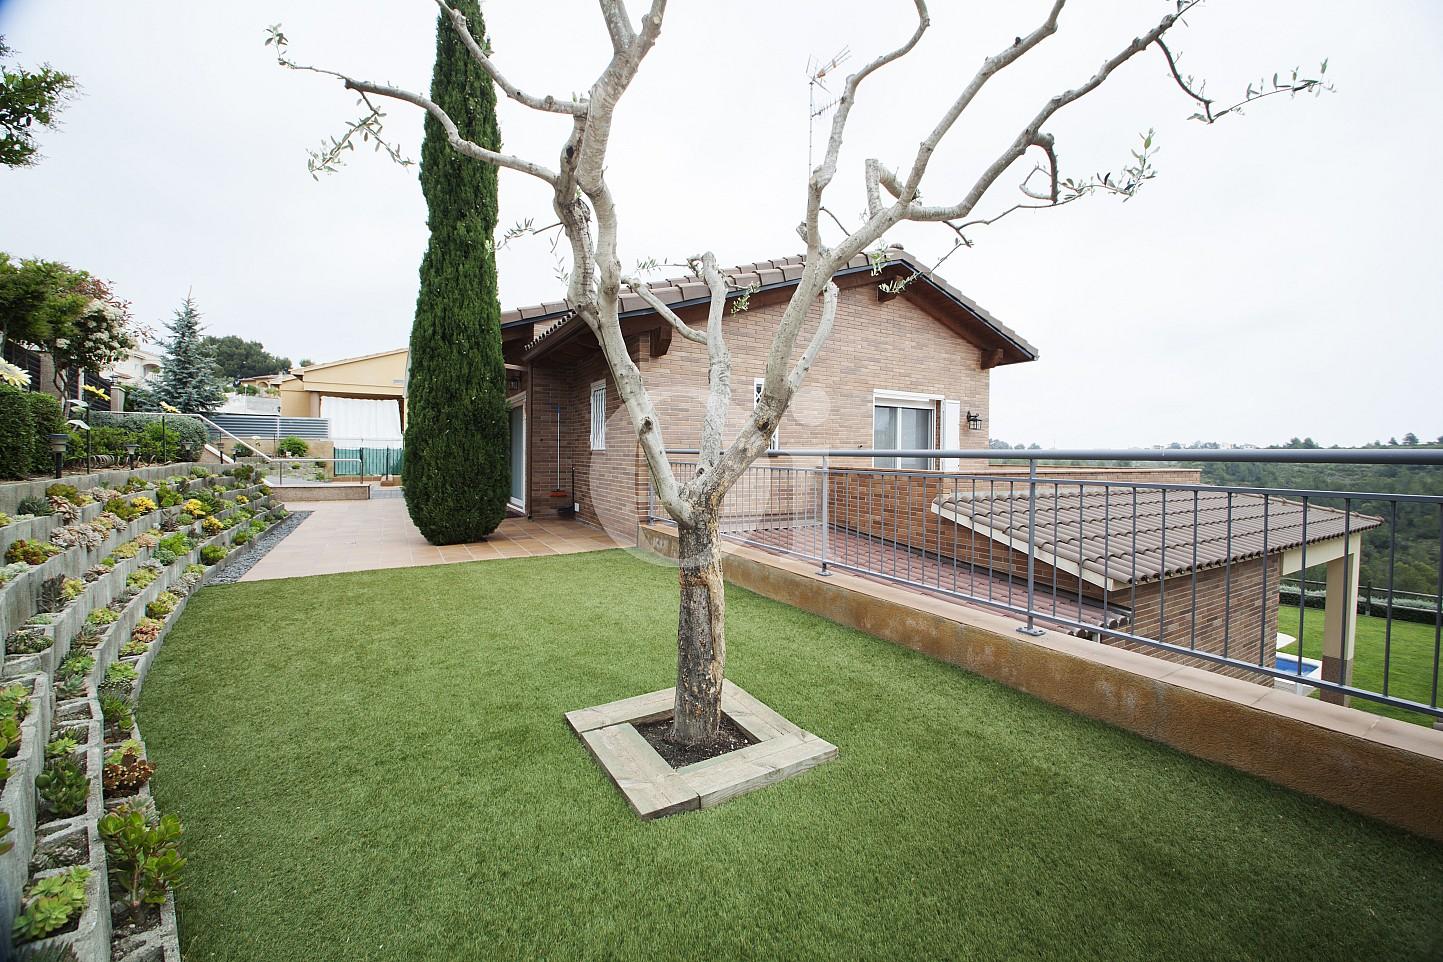 Blick auf den Außenbereich vom Haus zum Verkauf, Segur de Calafell